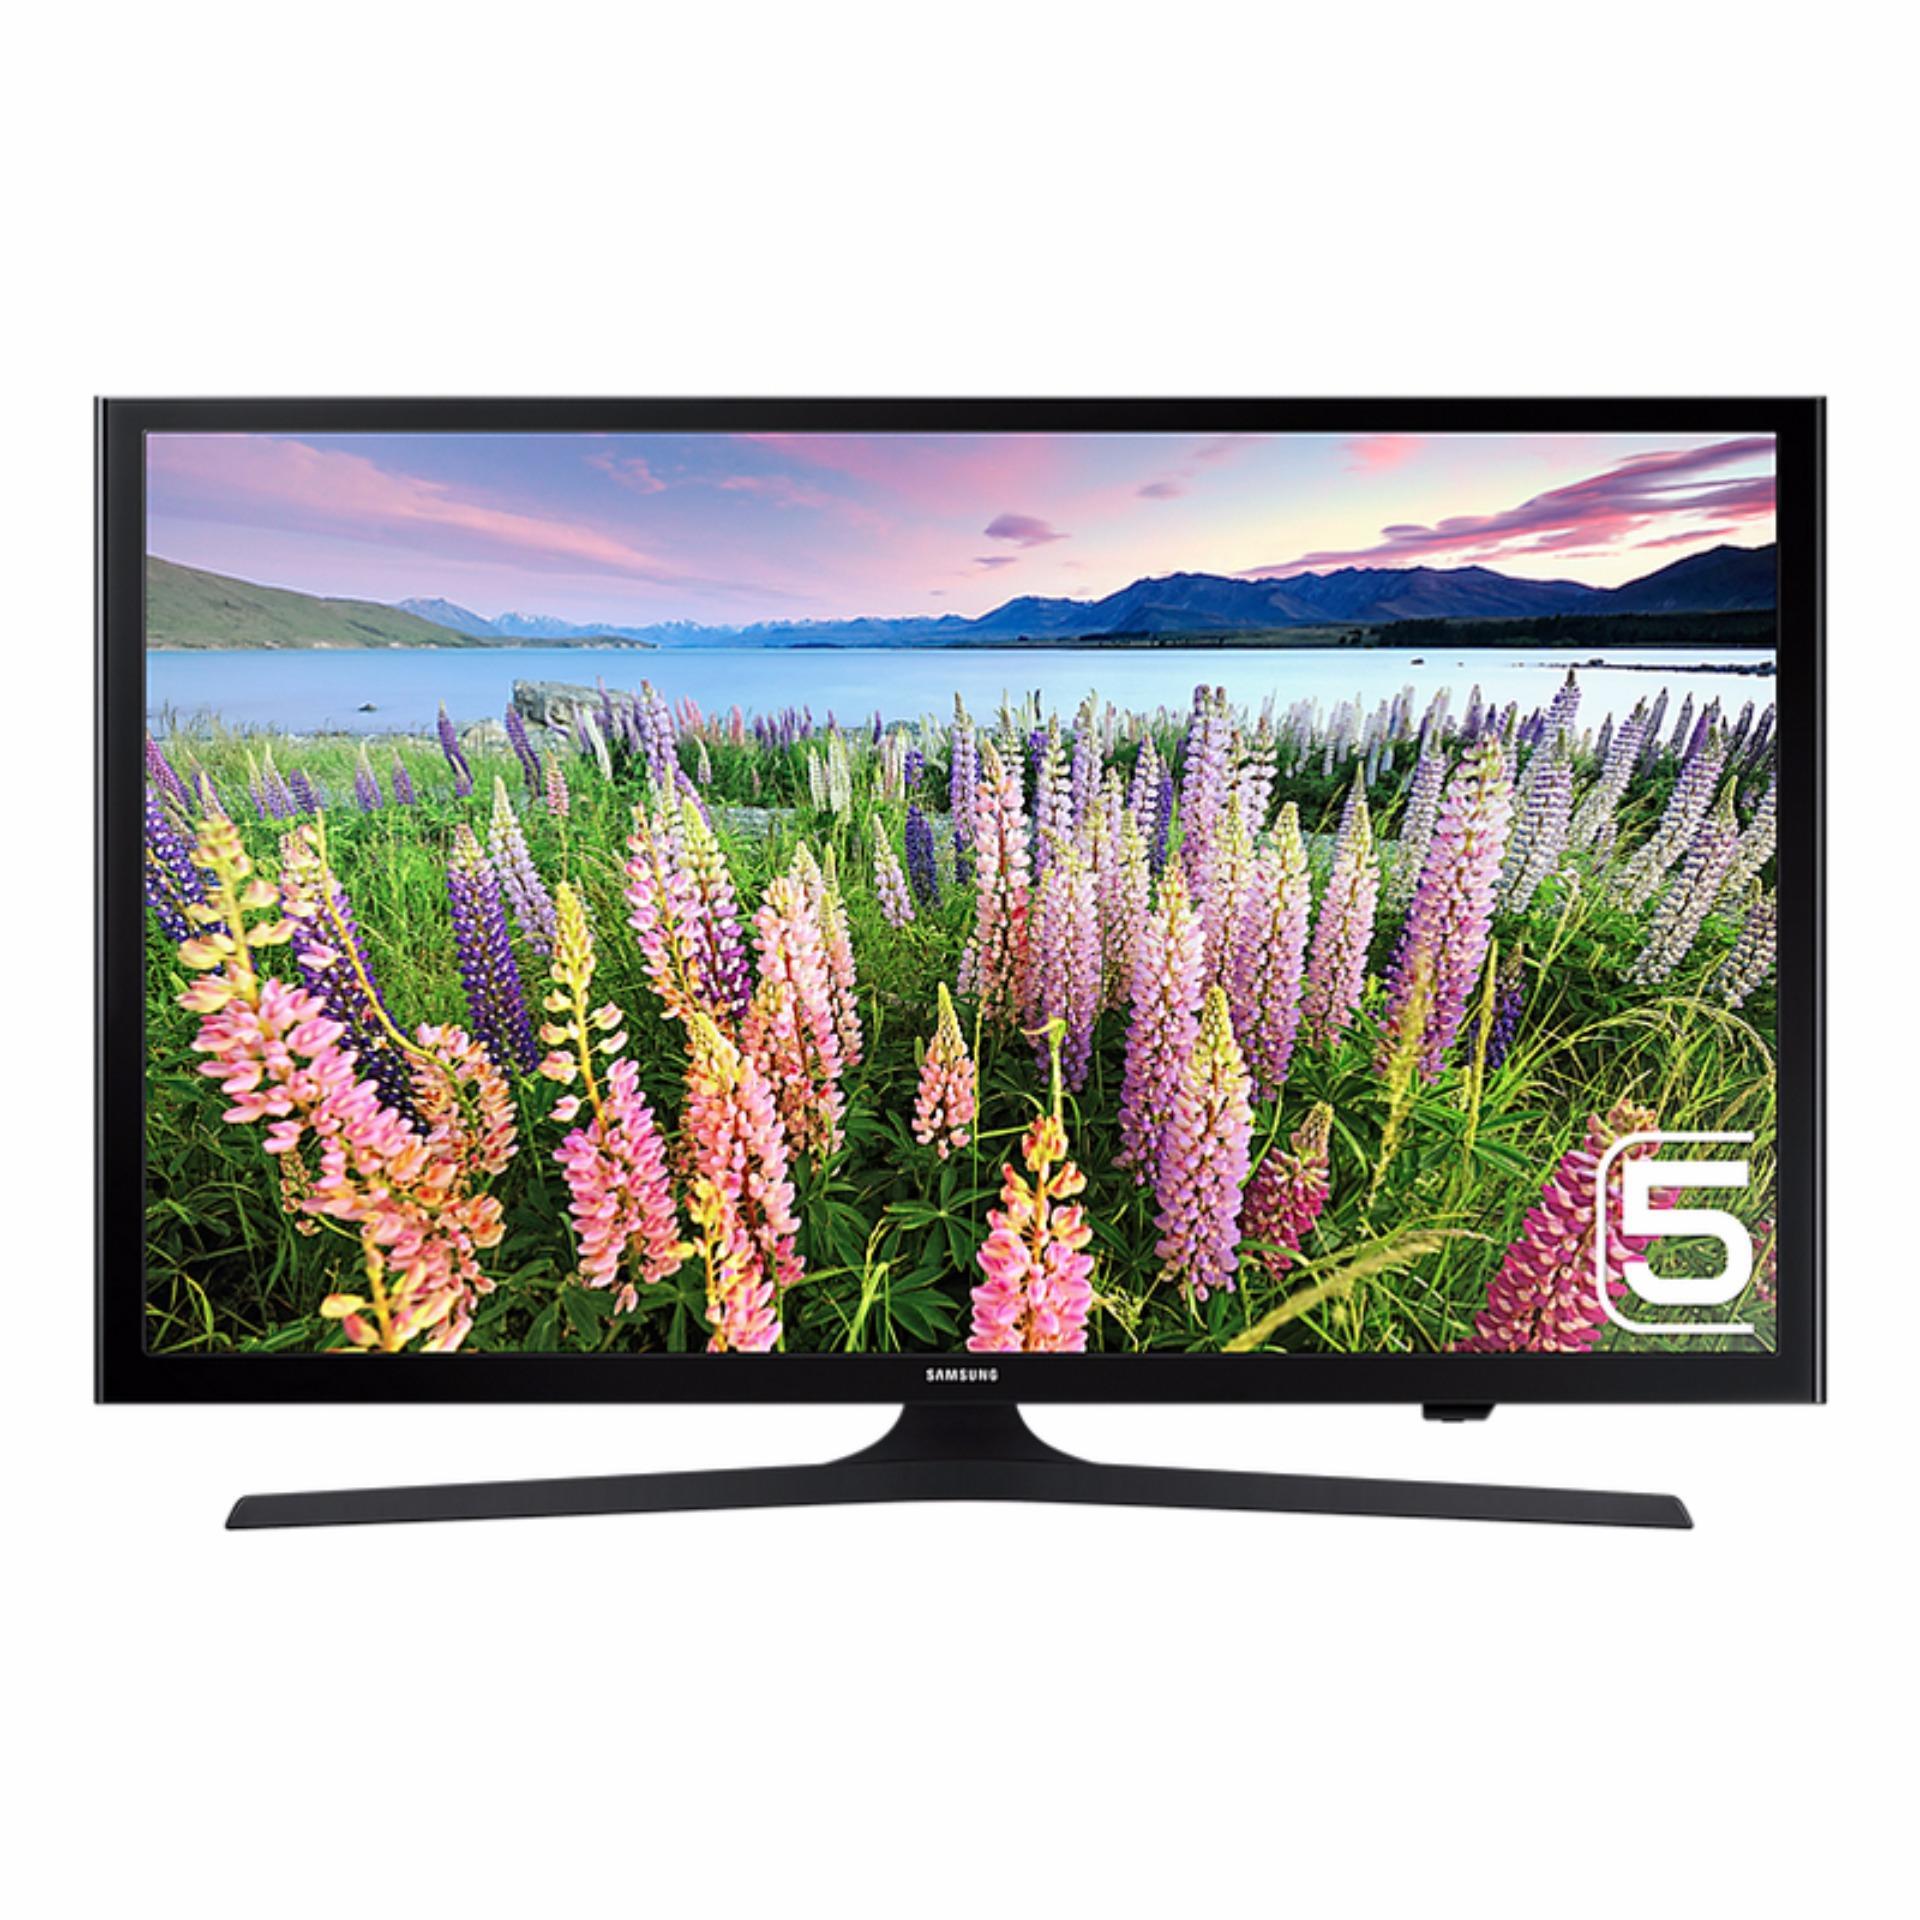 Samsung 49 Inch Full HD Flat Smart LED Digital TV 49J5200 - Khusus Area Jabodetabek